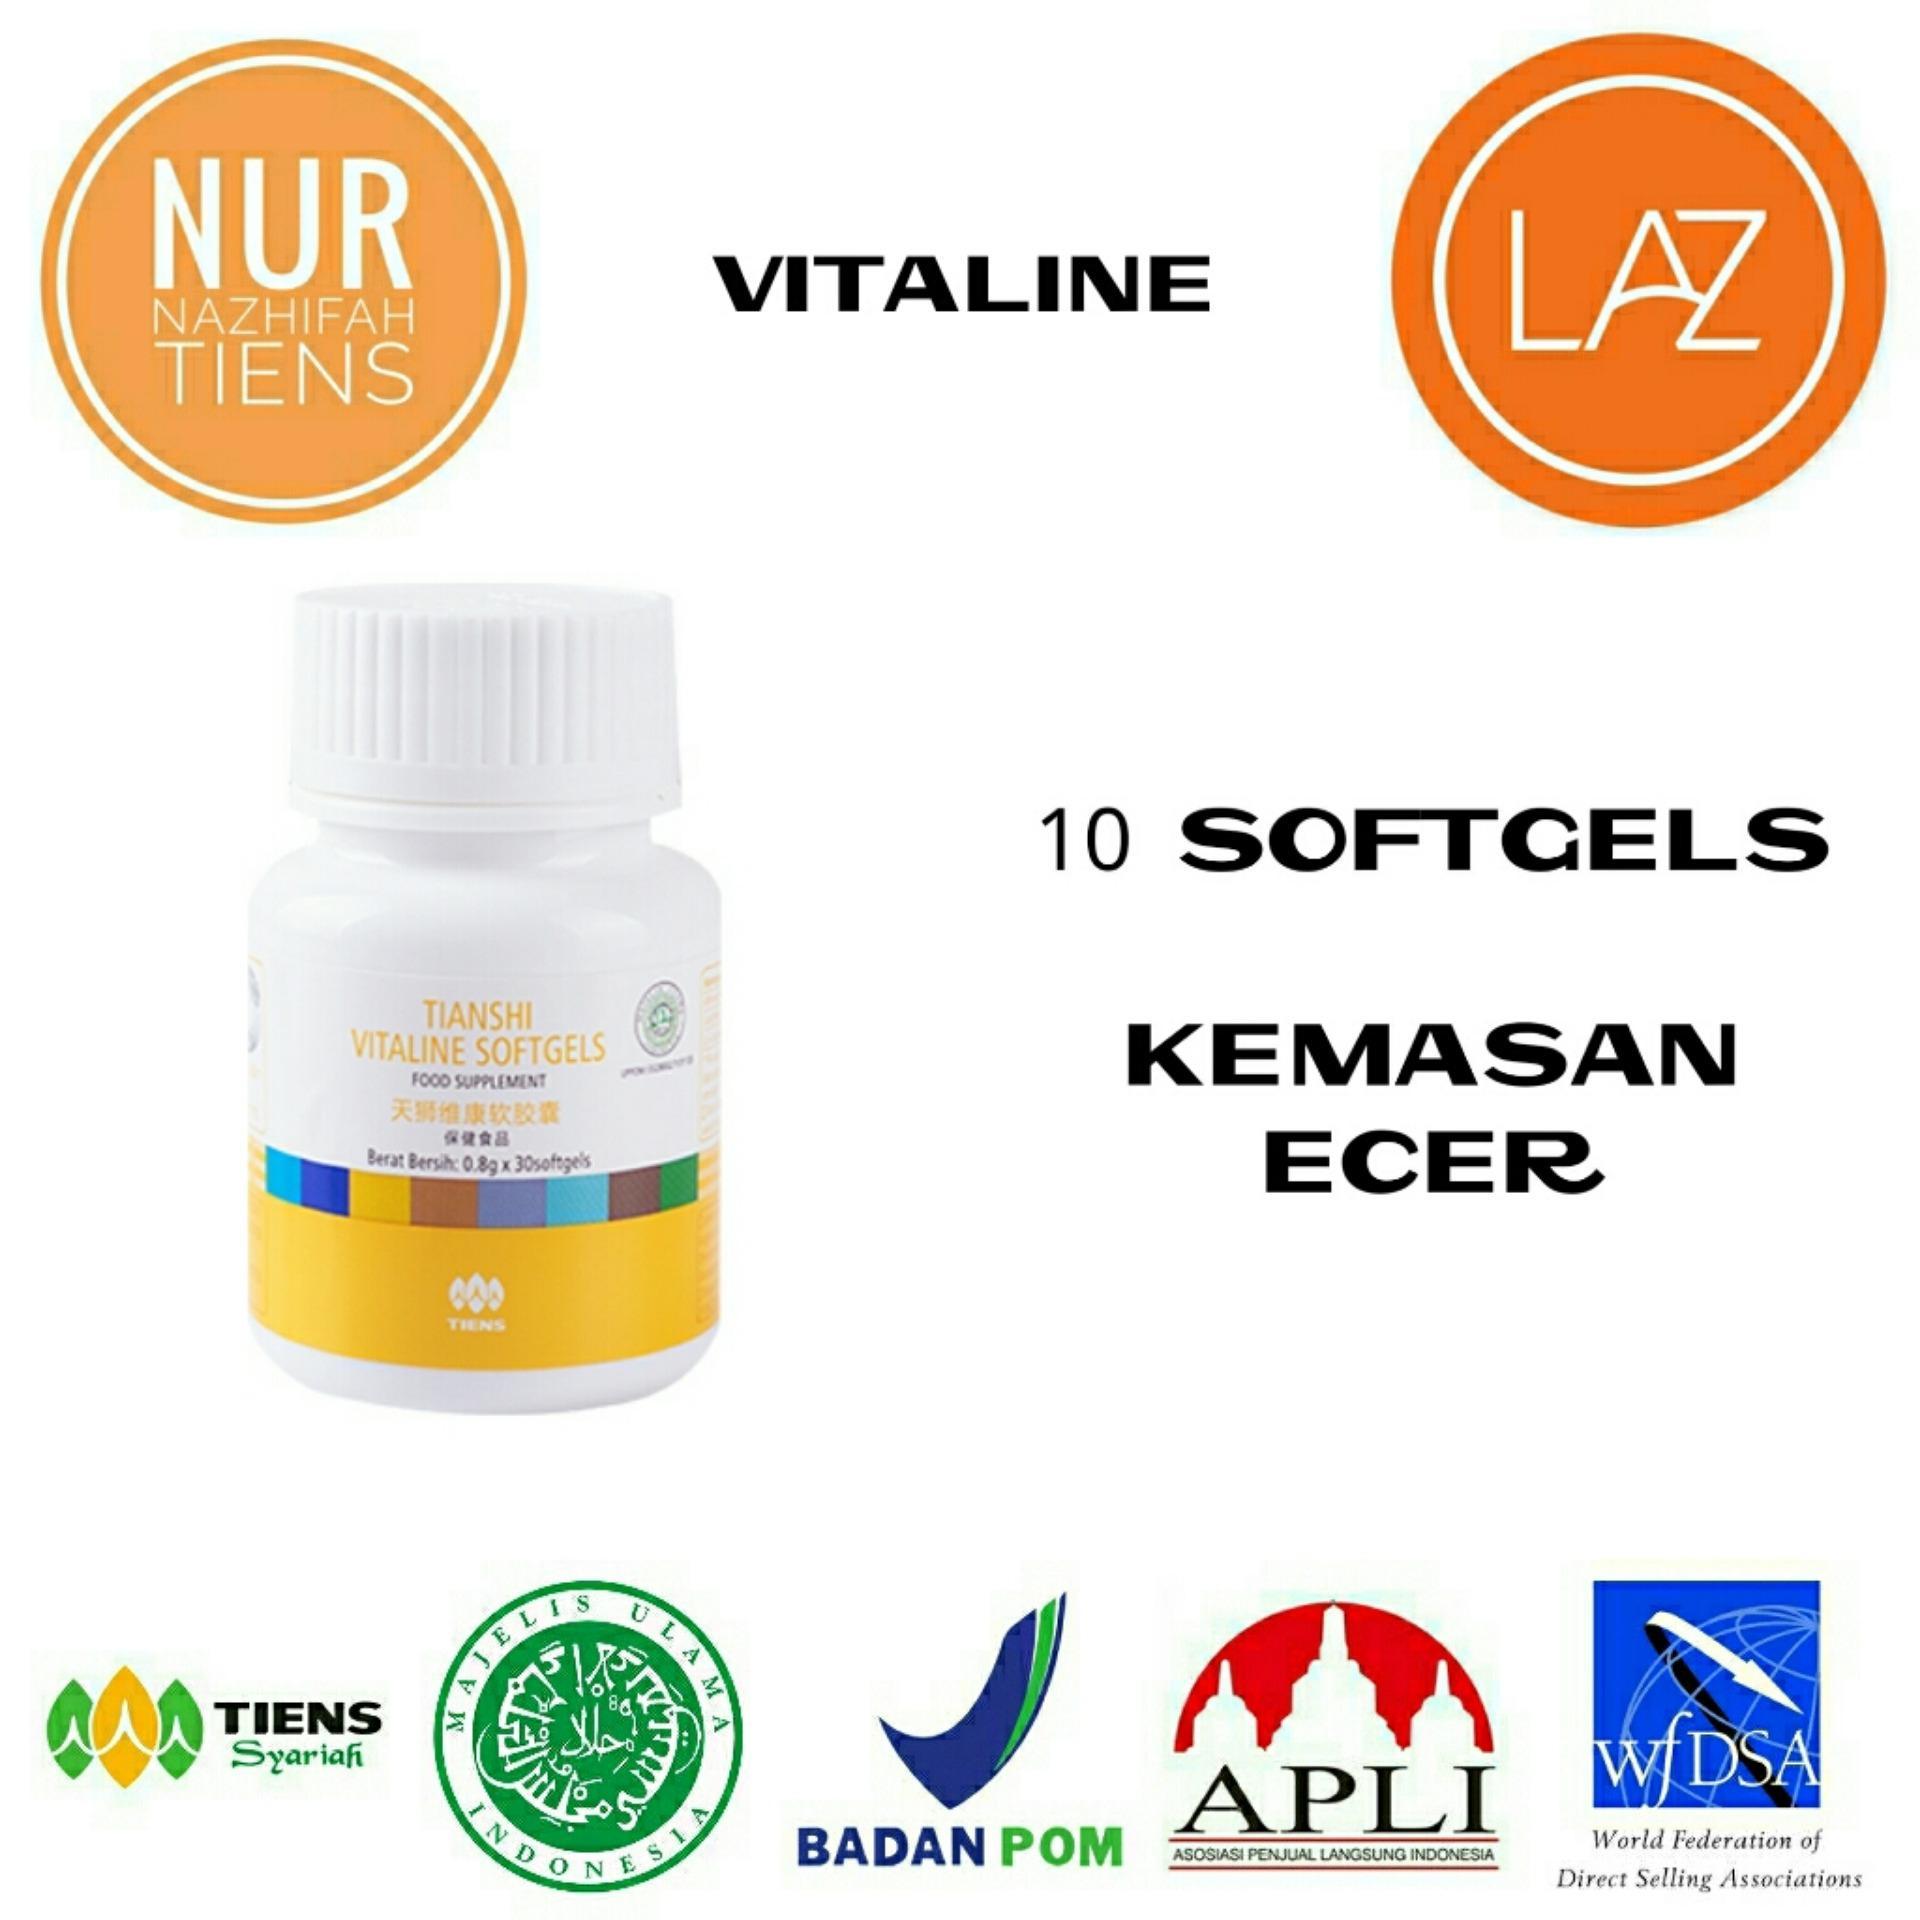 NN Tiens Vitaline Serum Pemutih Wajah & Nutrisi Pemutih Kulit Seluruh Tubuh Herbal Alami - Promo 10 Softgels